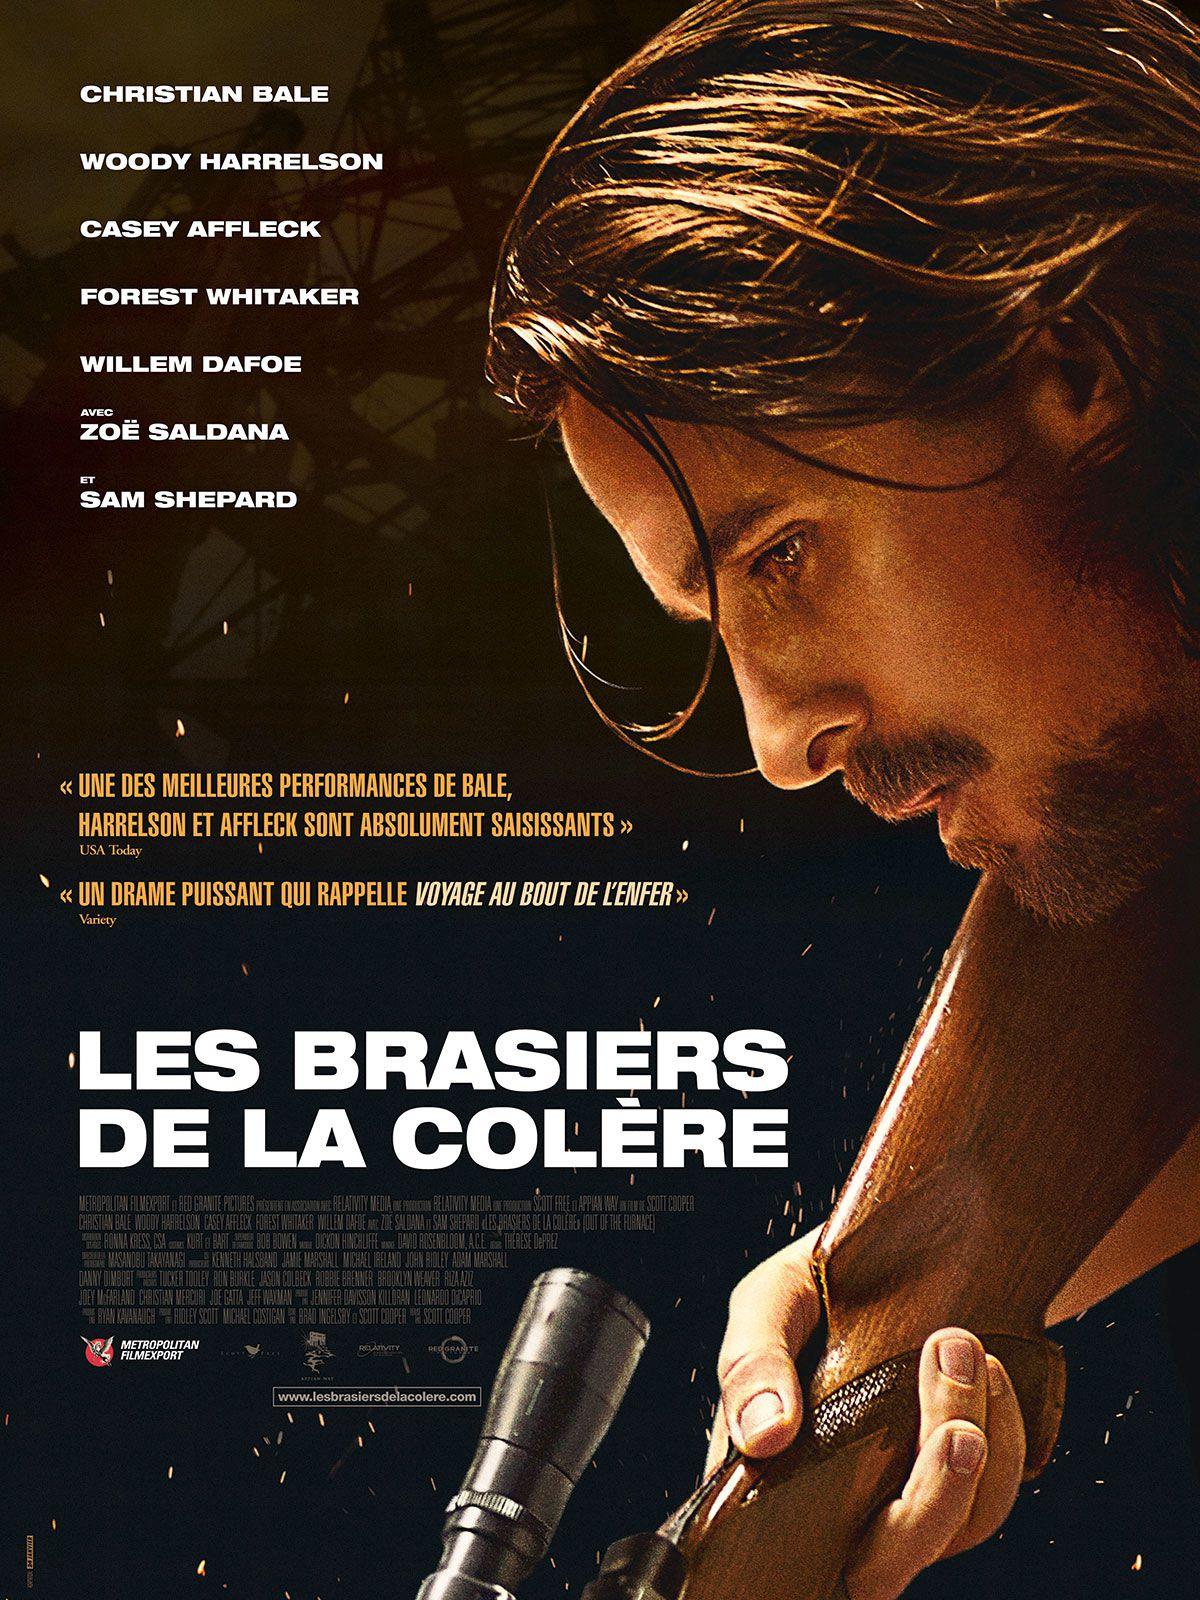 Les Brasiers de la colère - Film (2013)